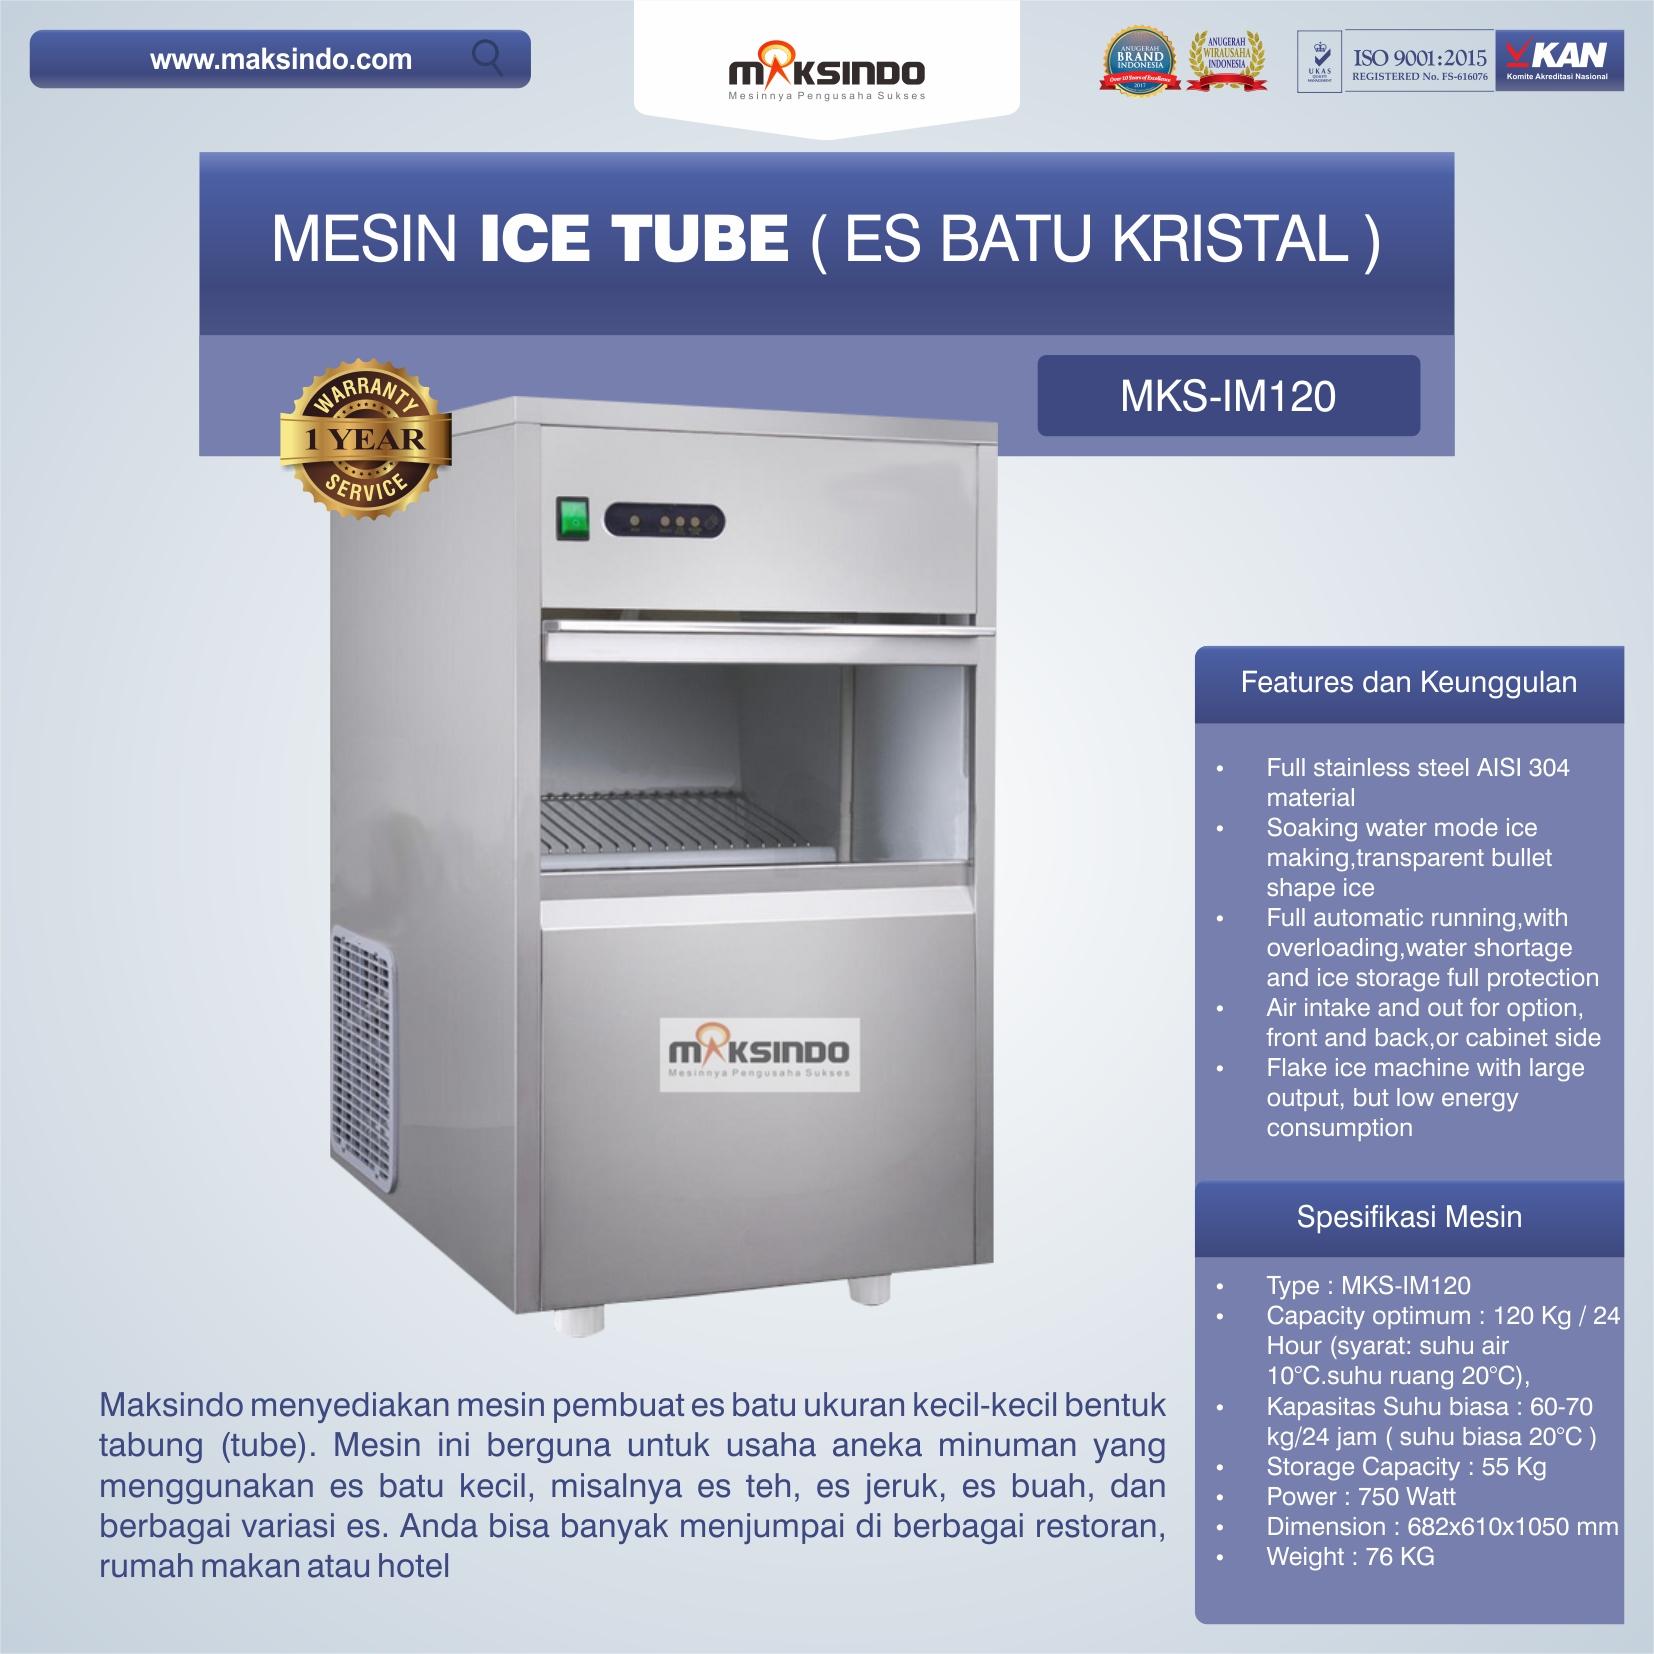 Jual Mesin Ice Tube (Es Batu Kristal) – IM120 di Banjarmasin